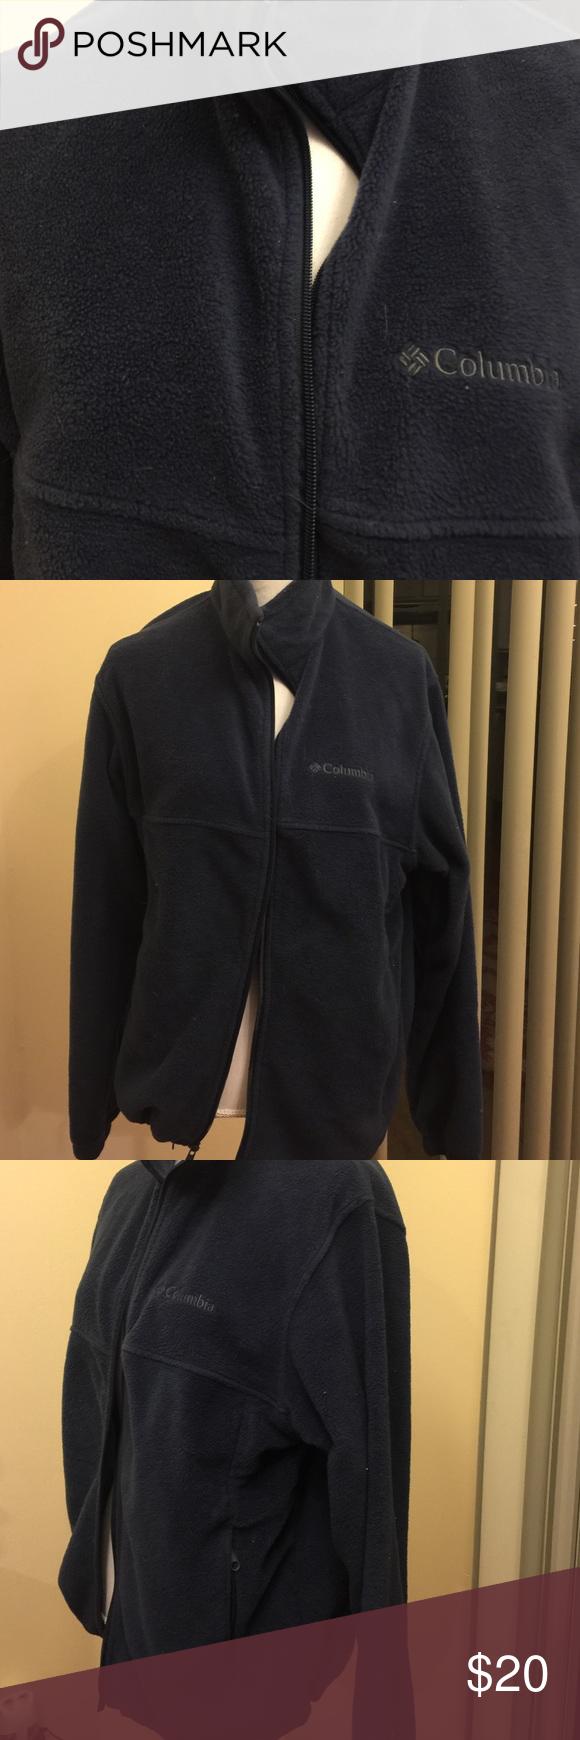 Columbia fleece zip up mens fleece jacket